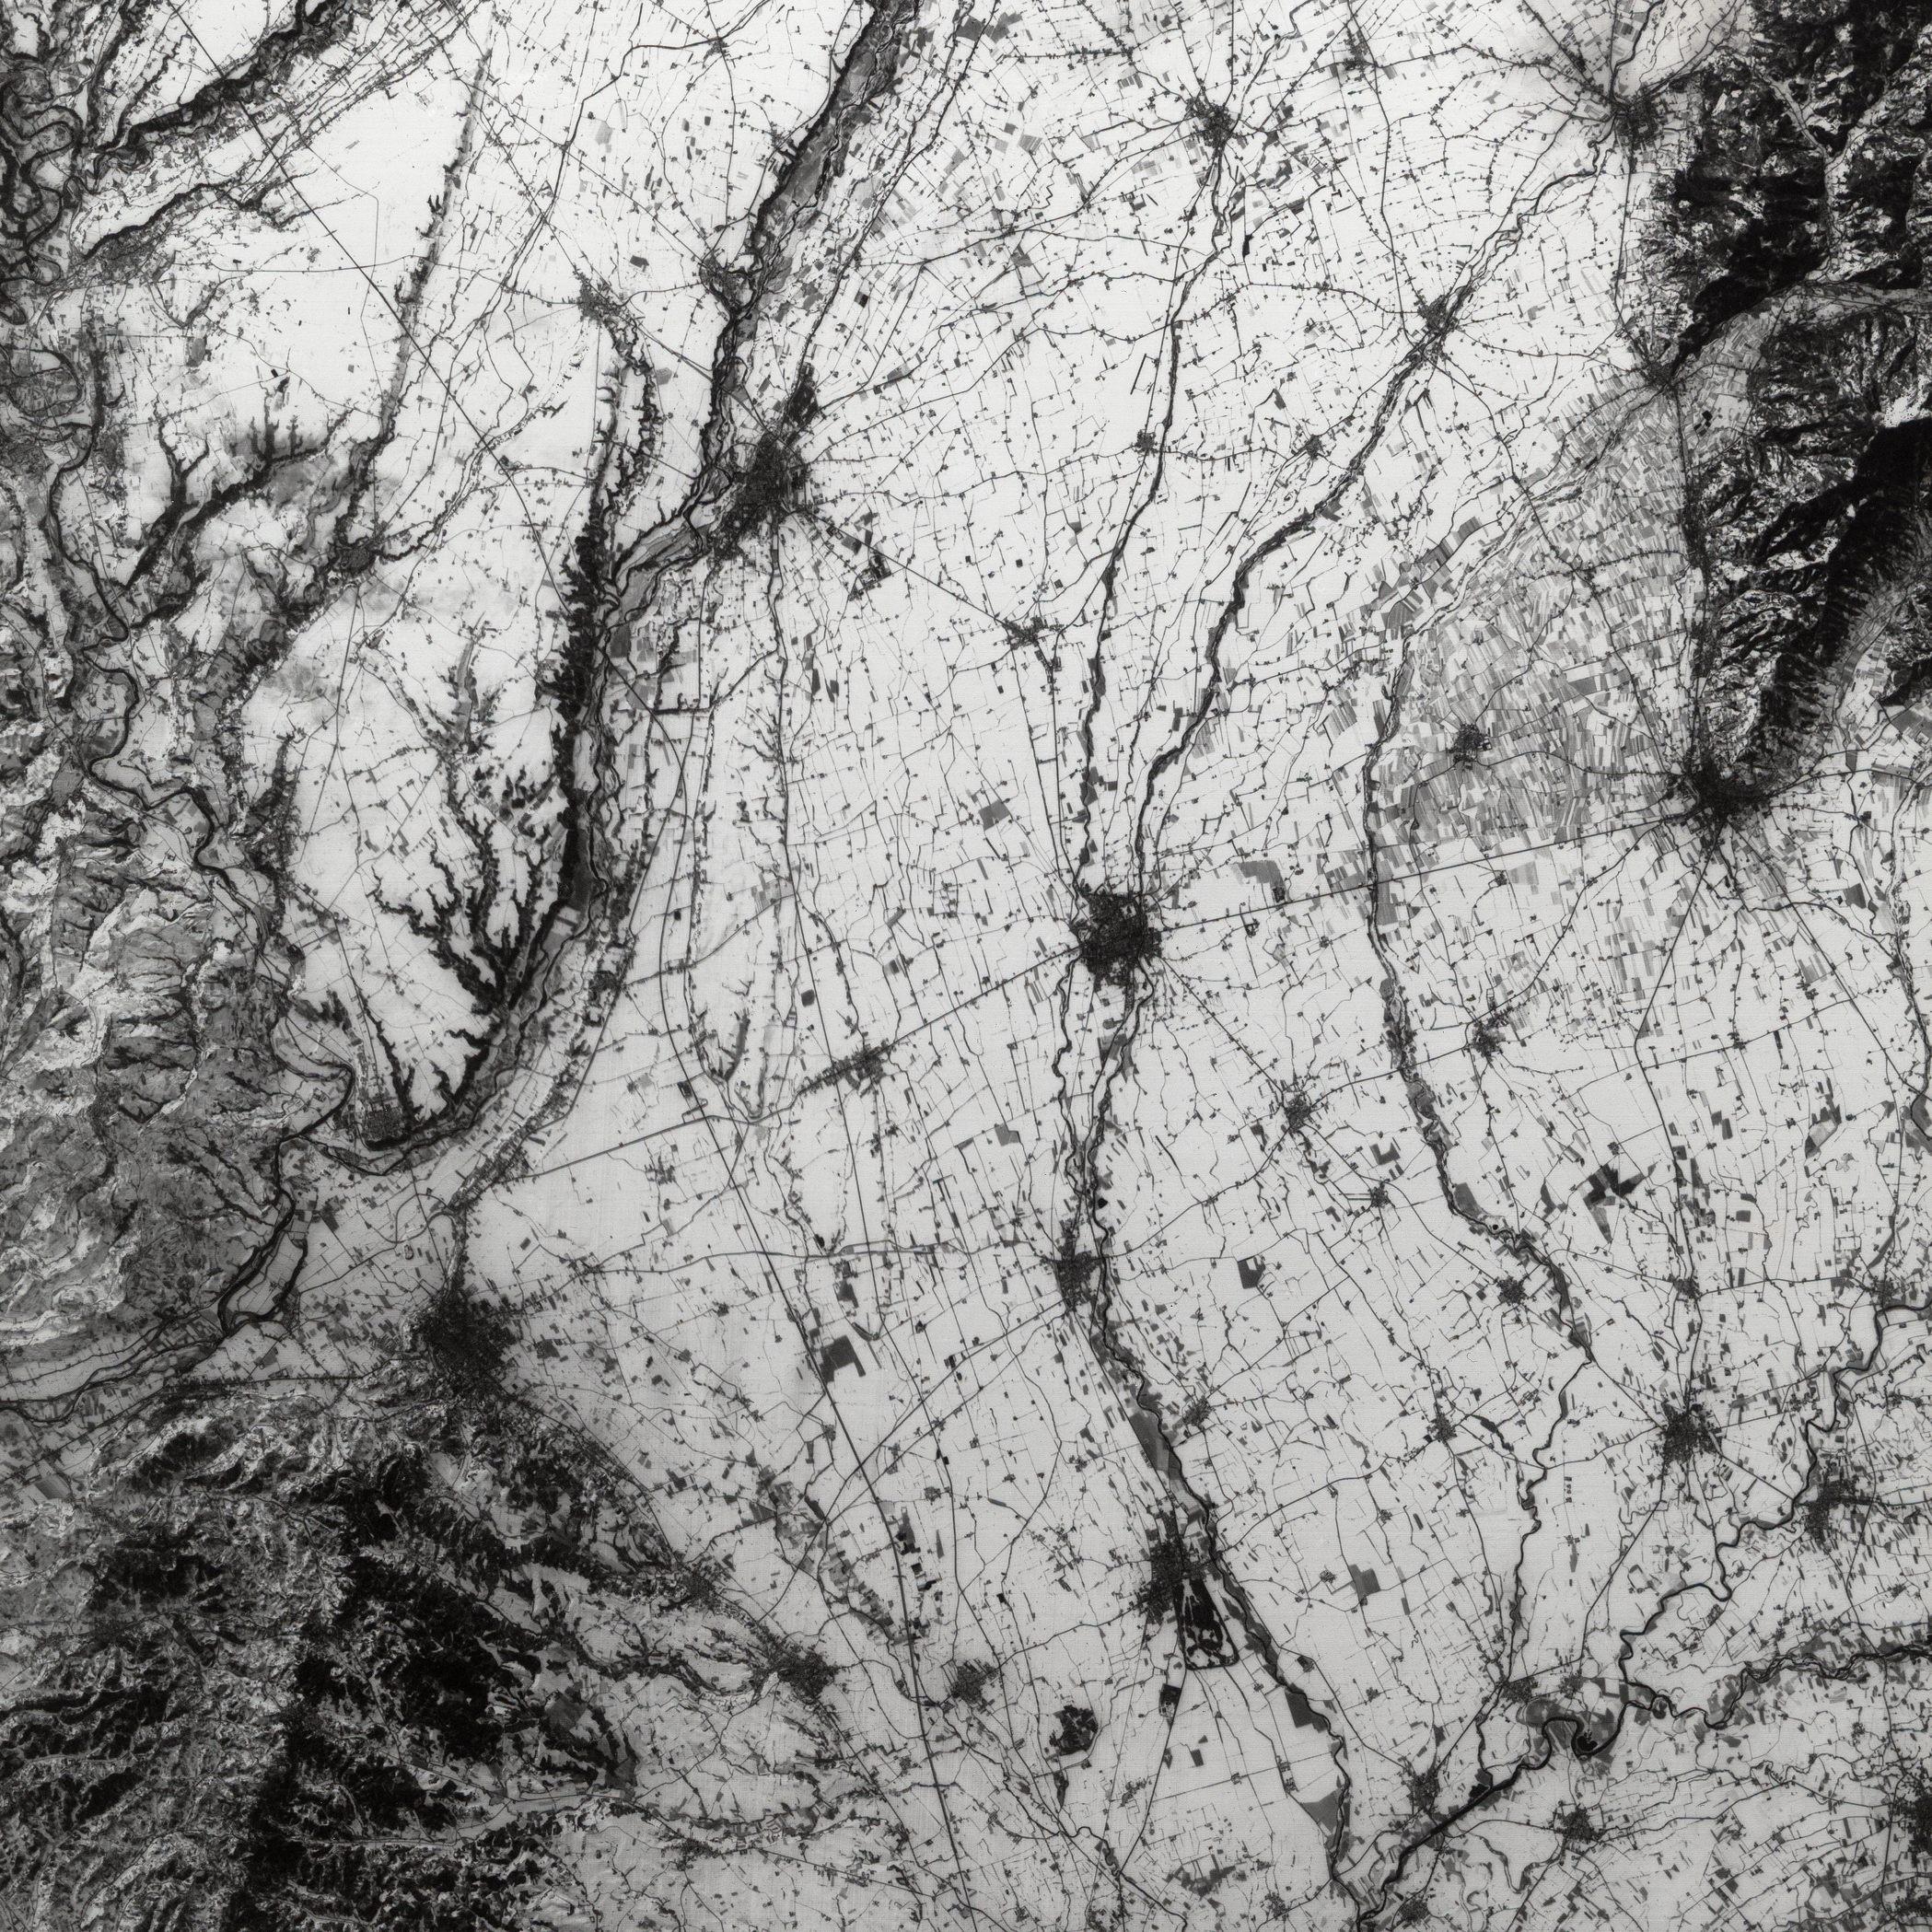 30 ans du satellite SPOT - Anniversaire SPOT 1 - Première image - En Italie, la plaine du Pô sous la neige - Mode panchromatique - Copyright CNES 1986. Distribution Airbus DS